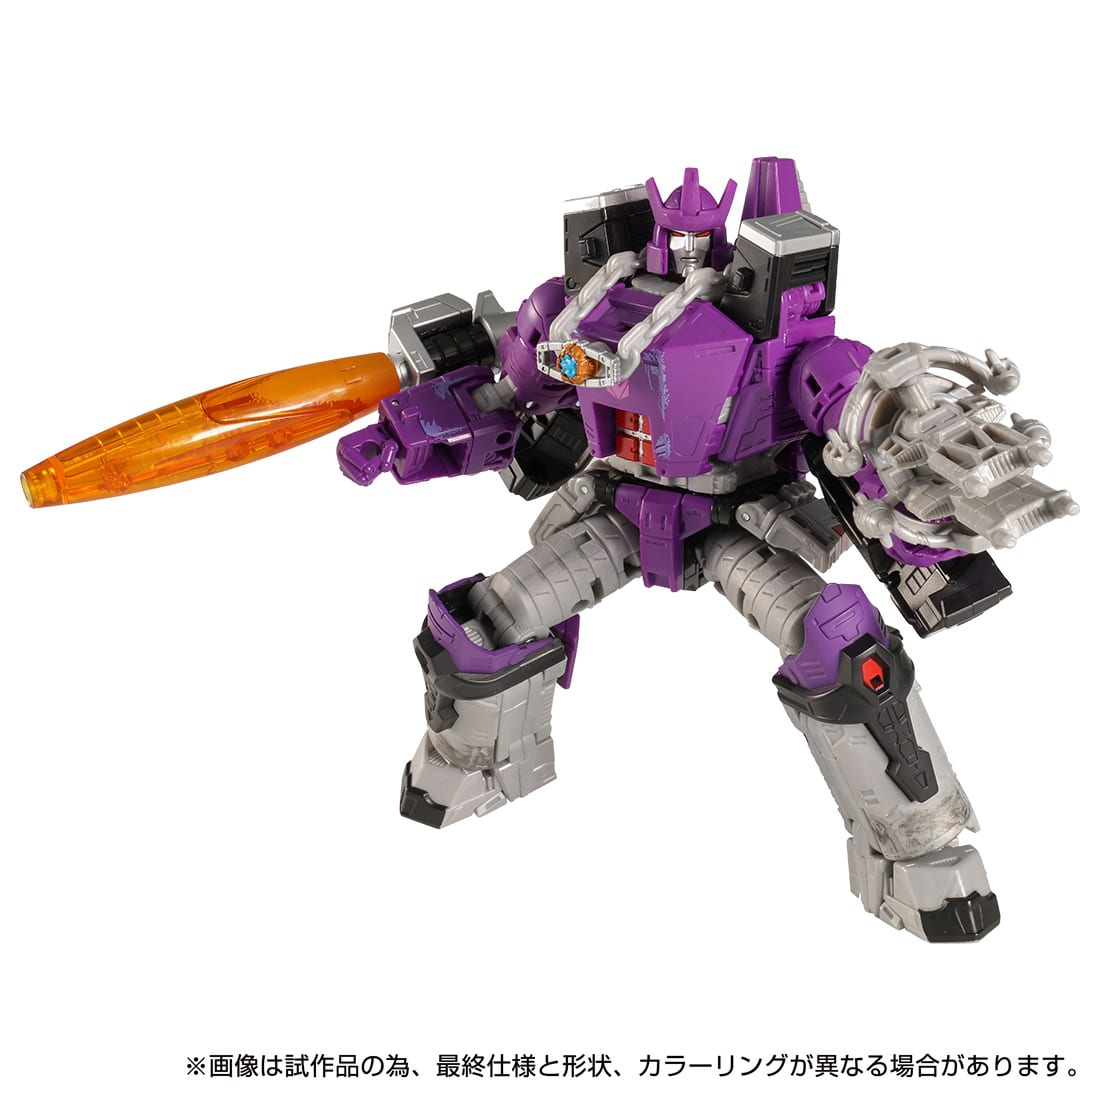 トランスフォーマー キングダム『KD-16 ガルバトロン』可変可動フィギュア-003